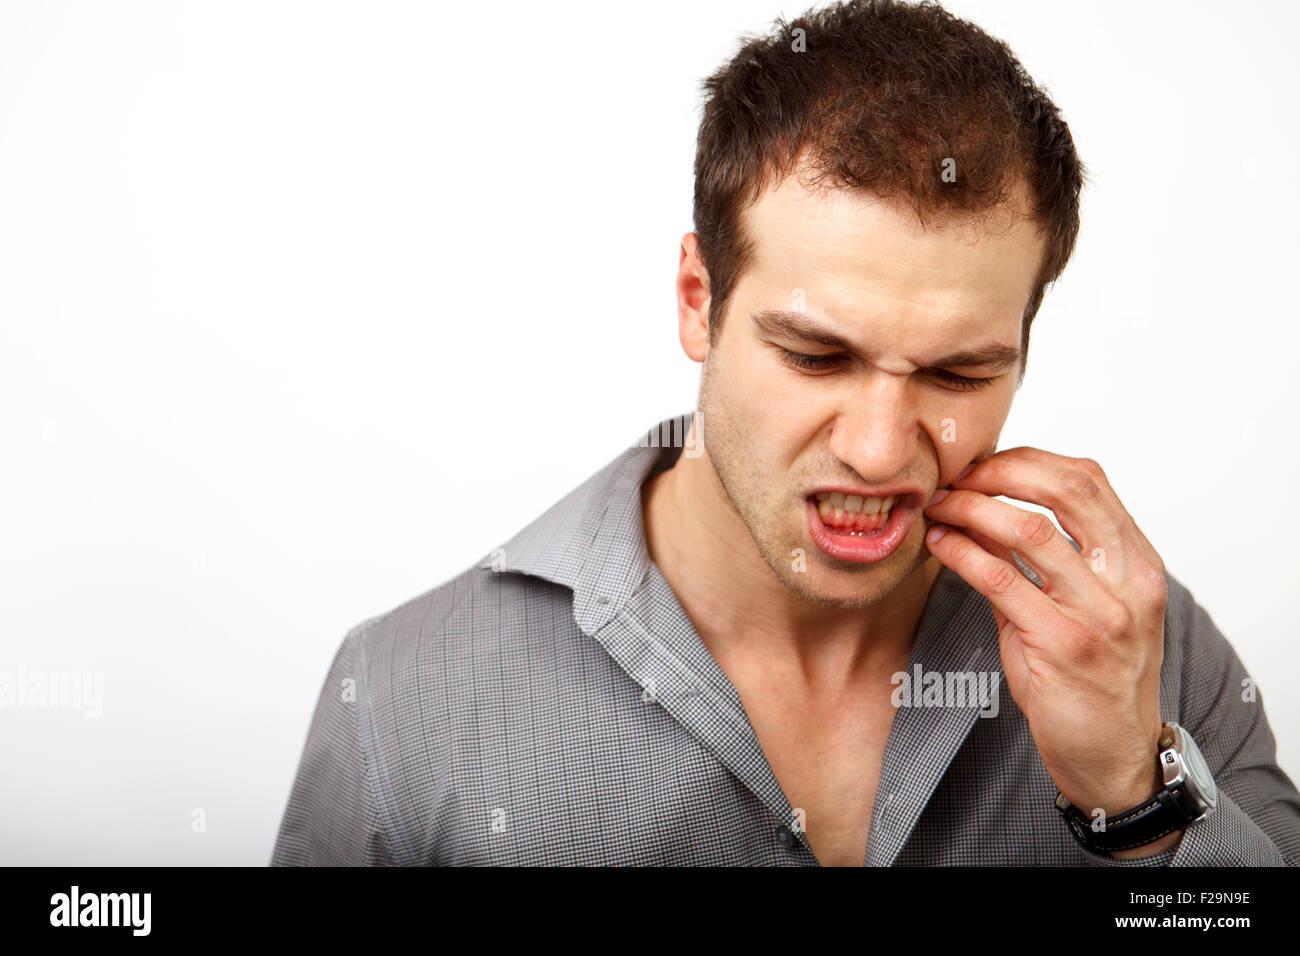 Zähne-Schmerz-Konzept - Mann leidet unter Zahnproblemen Stockbild